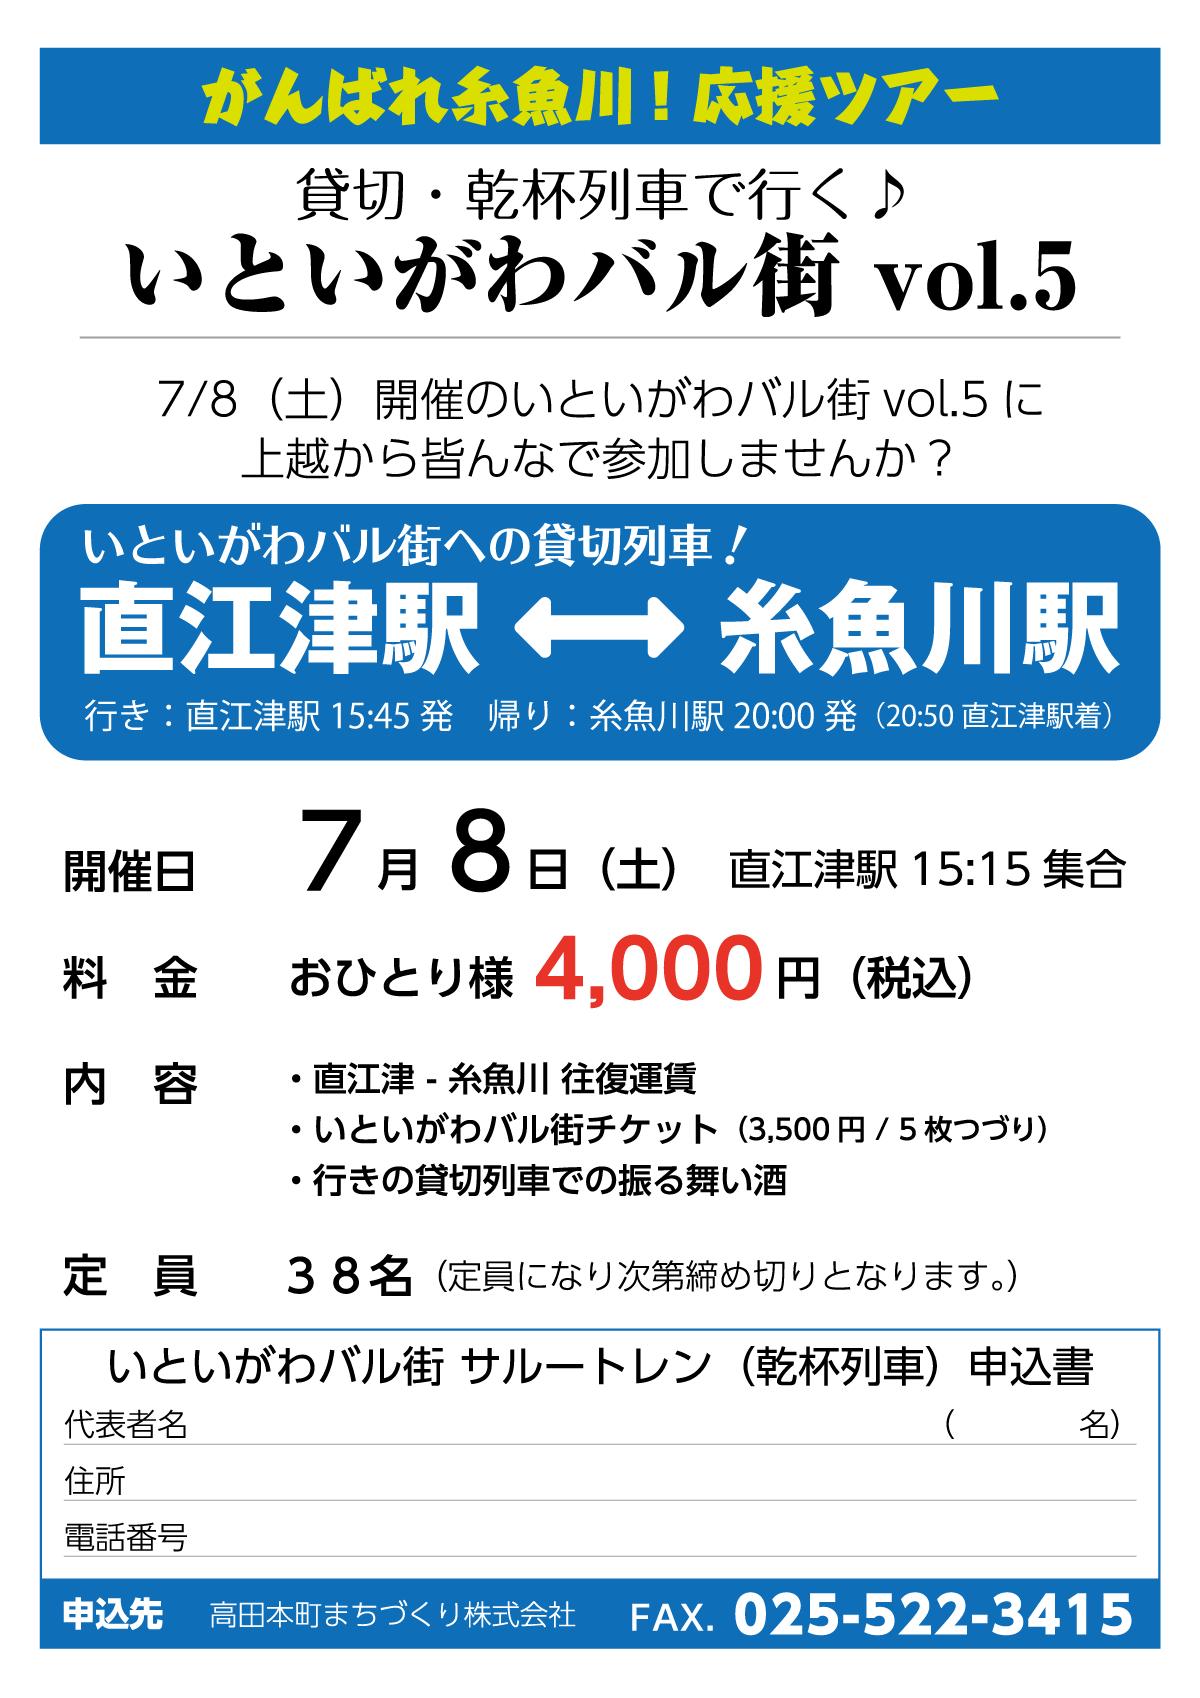 貸切・乾杯列車で行く いといがわバル街vol.5